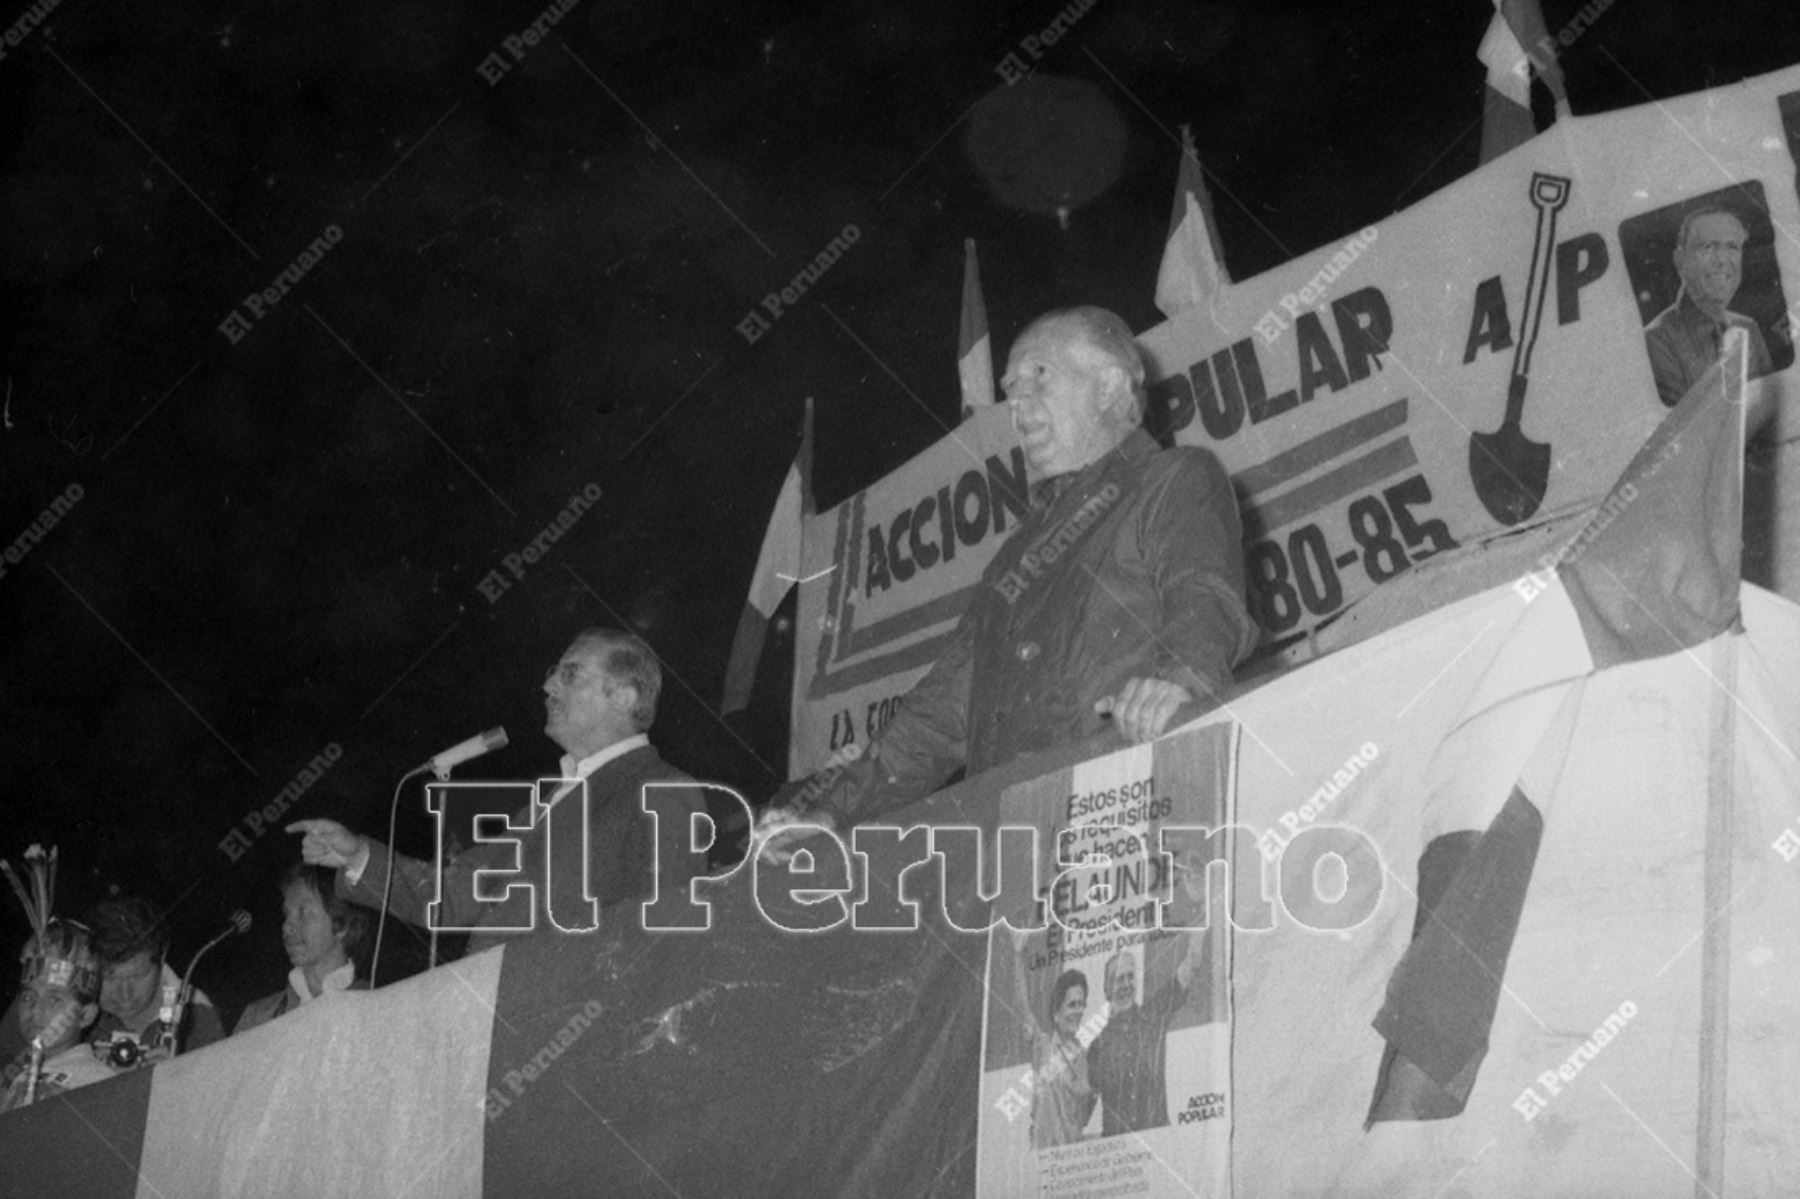 Lima - 7 mayo 1980 / Javier Alva Orlandini  pronuncia un discurso en el mitin del líder y candidato presidencial de Acción Popular, Fernando Belaúnde Terry, en Villa María del Triunfo.  Foto: Archivo Histórico de El Peruano / Orlando Adrianzén